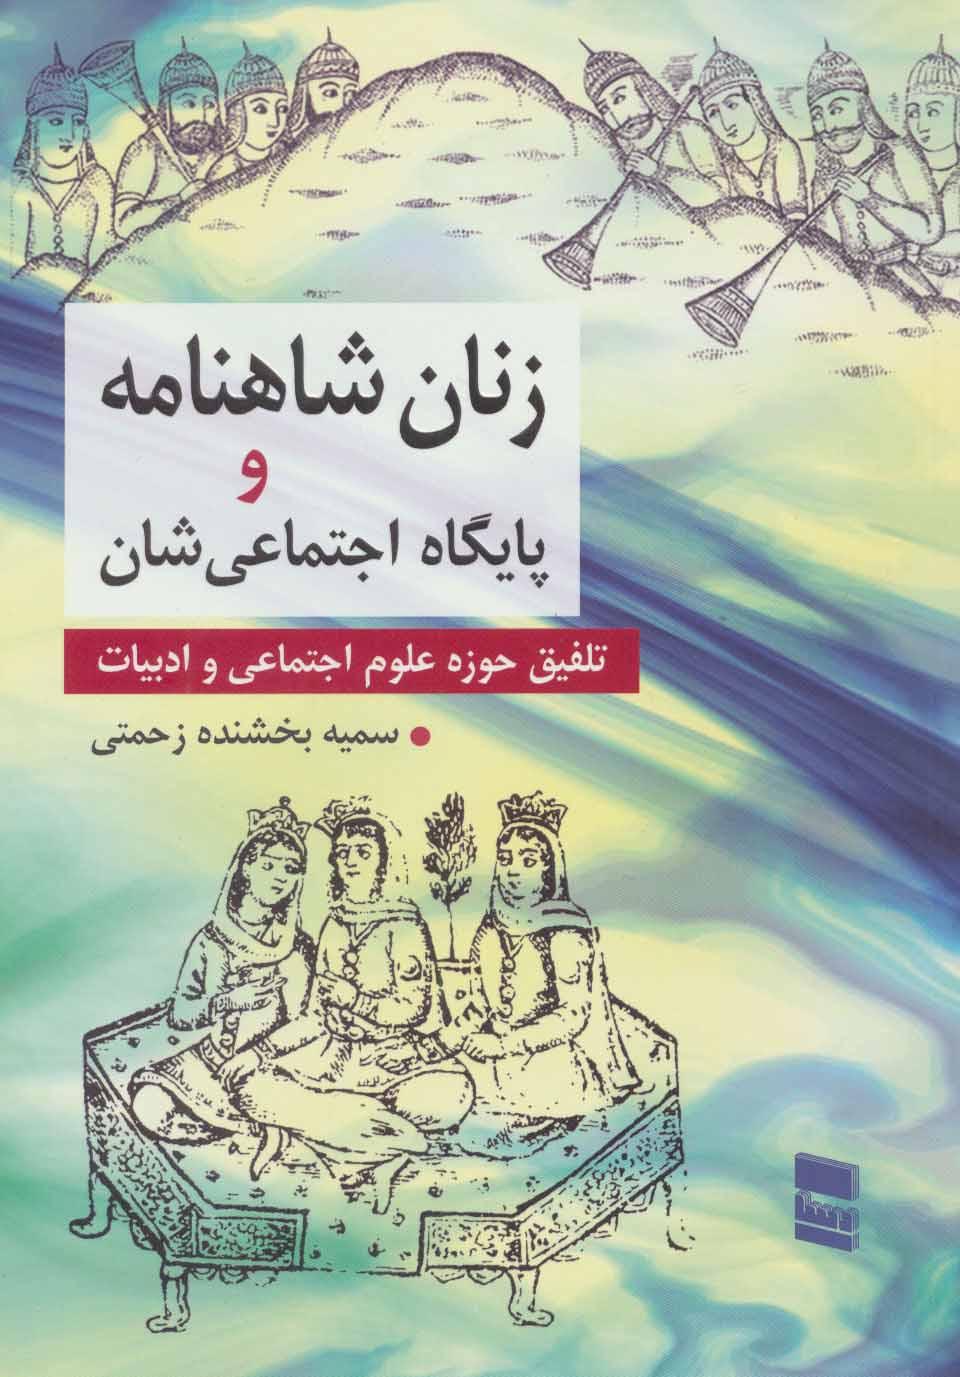 زنان شاهنامه و پایگاه اجتماعی شان (تلفیق حوزه علوم اجتماعی و ادبیات)